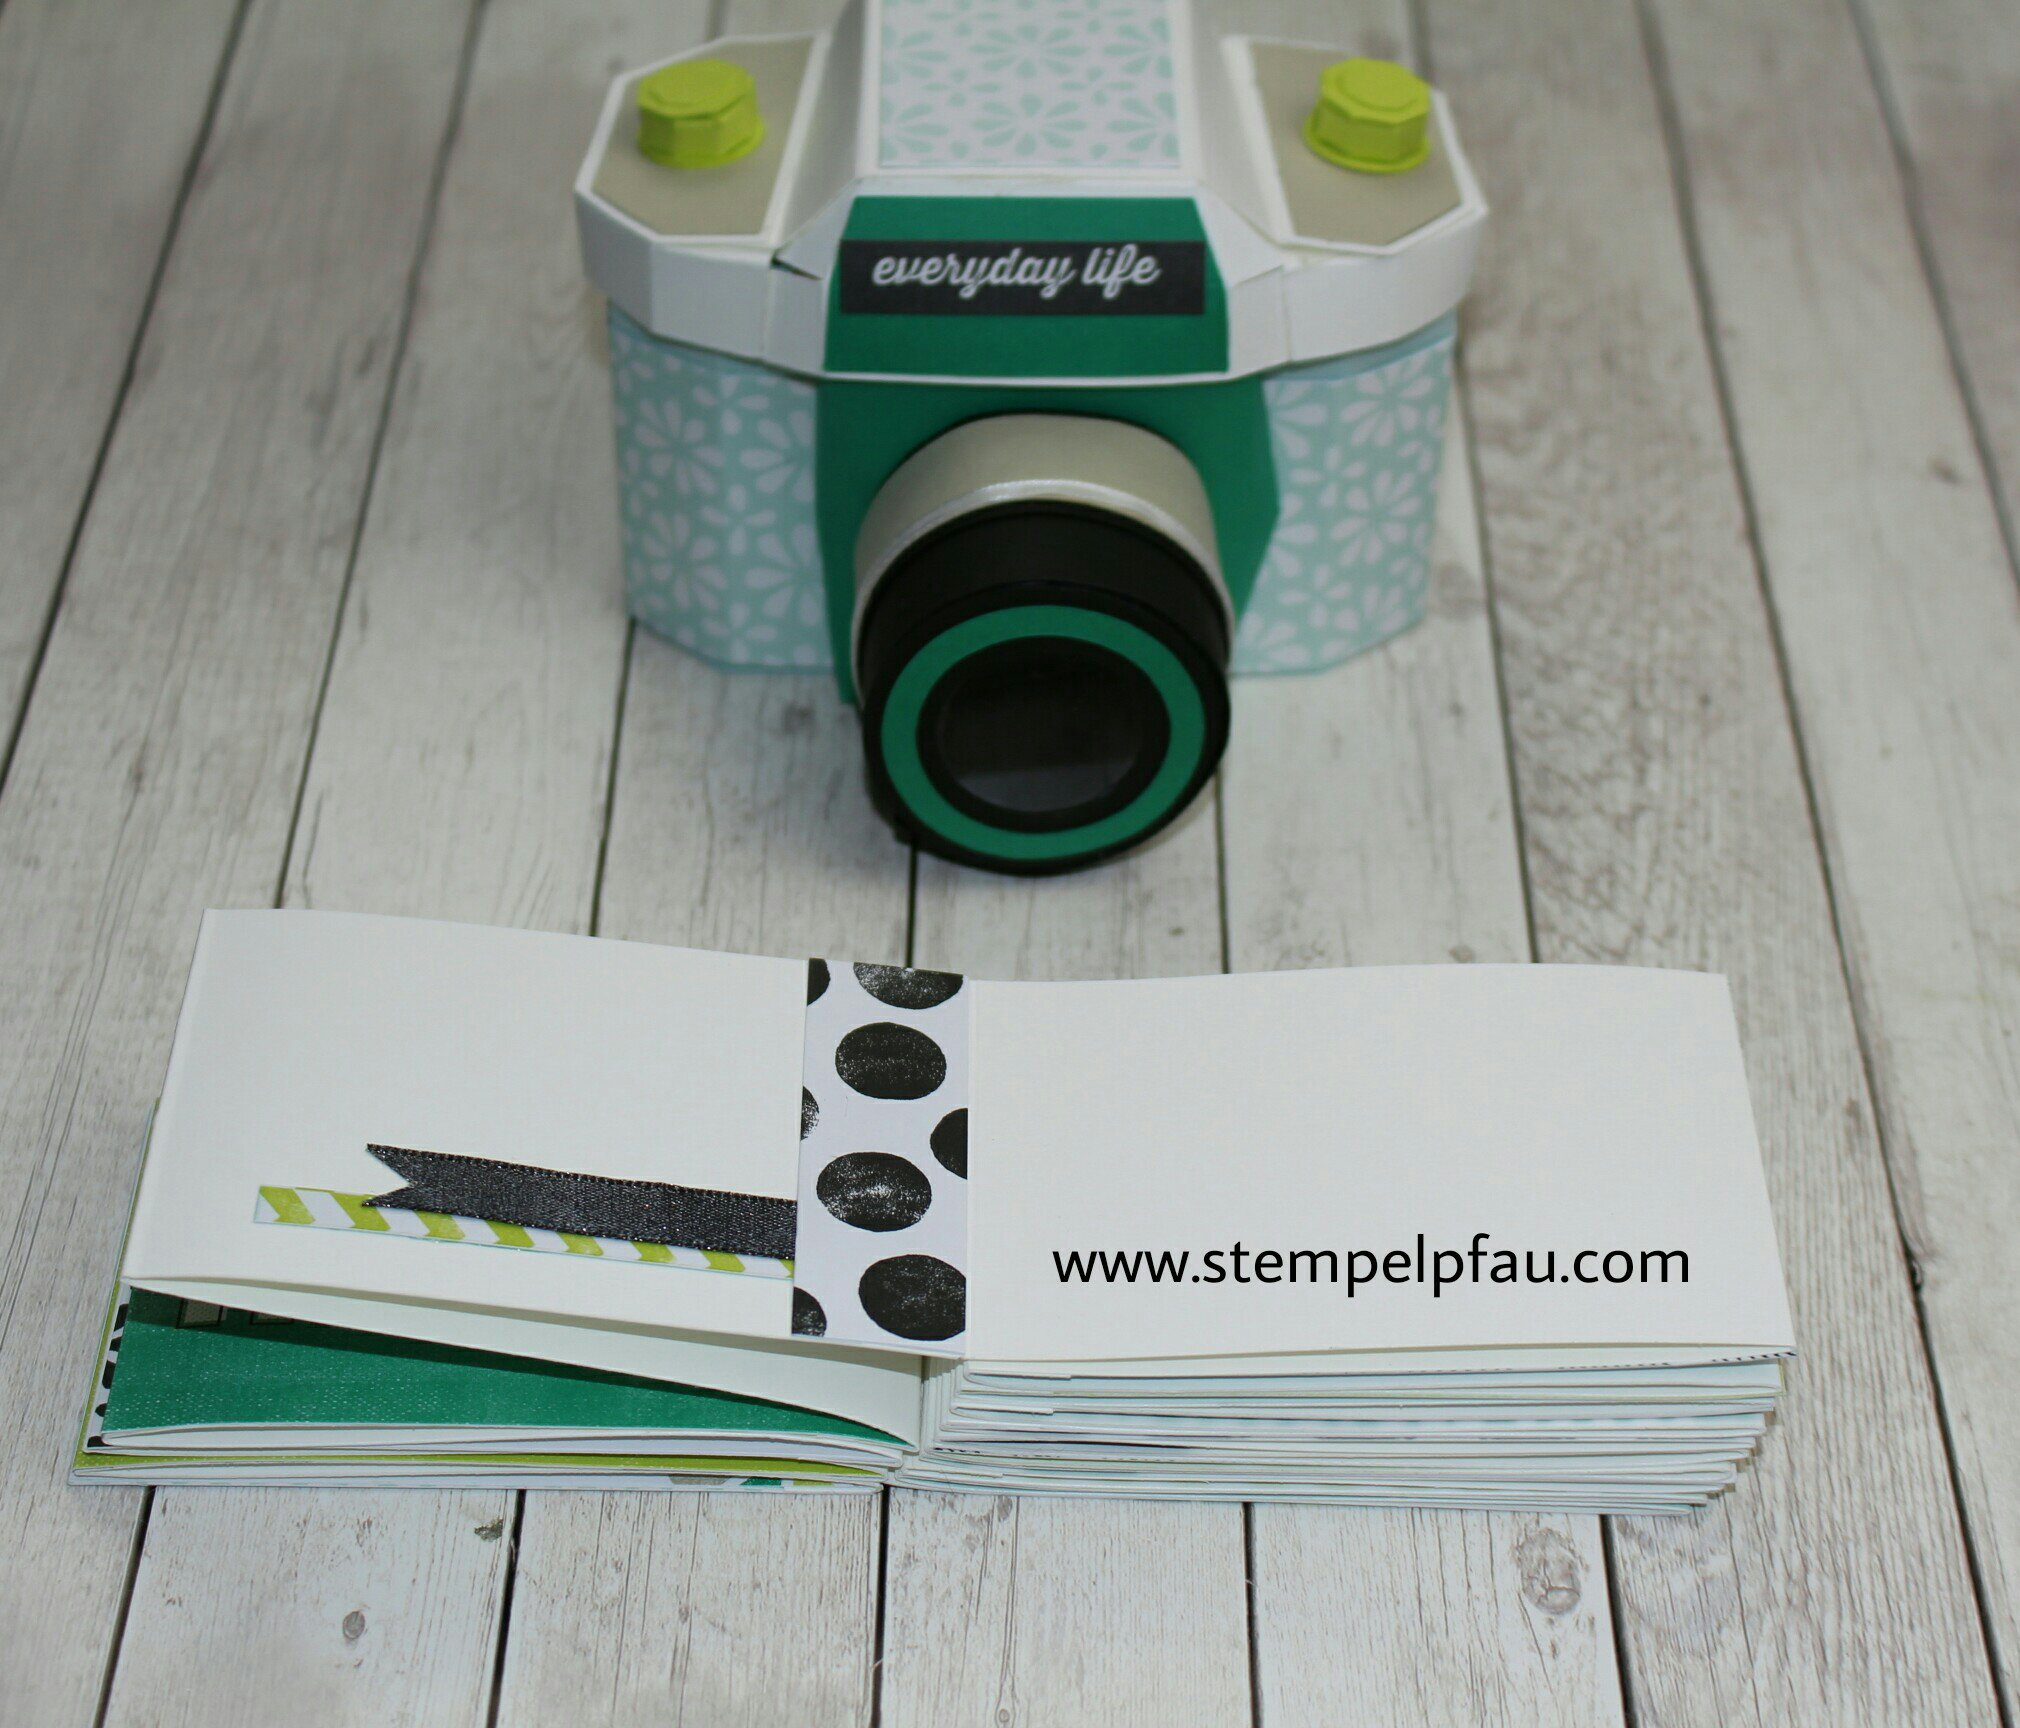 Materialpaket Kamera und Album. Stampin' Up! Produkte verwendet. Ein tolles Geschenk